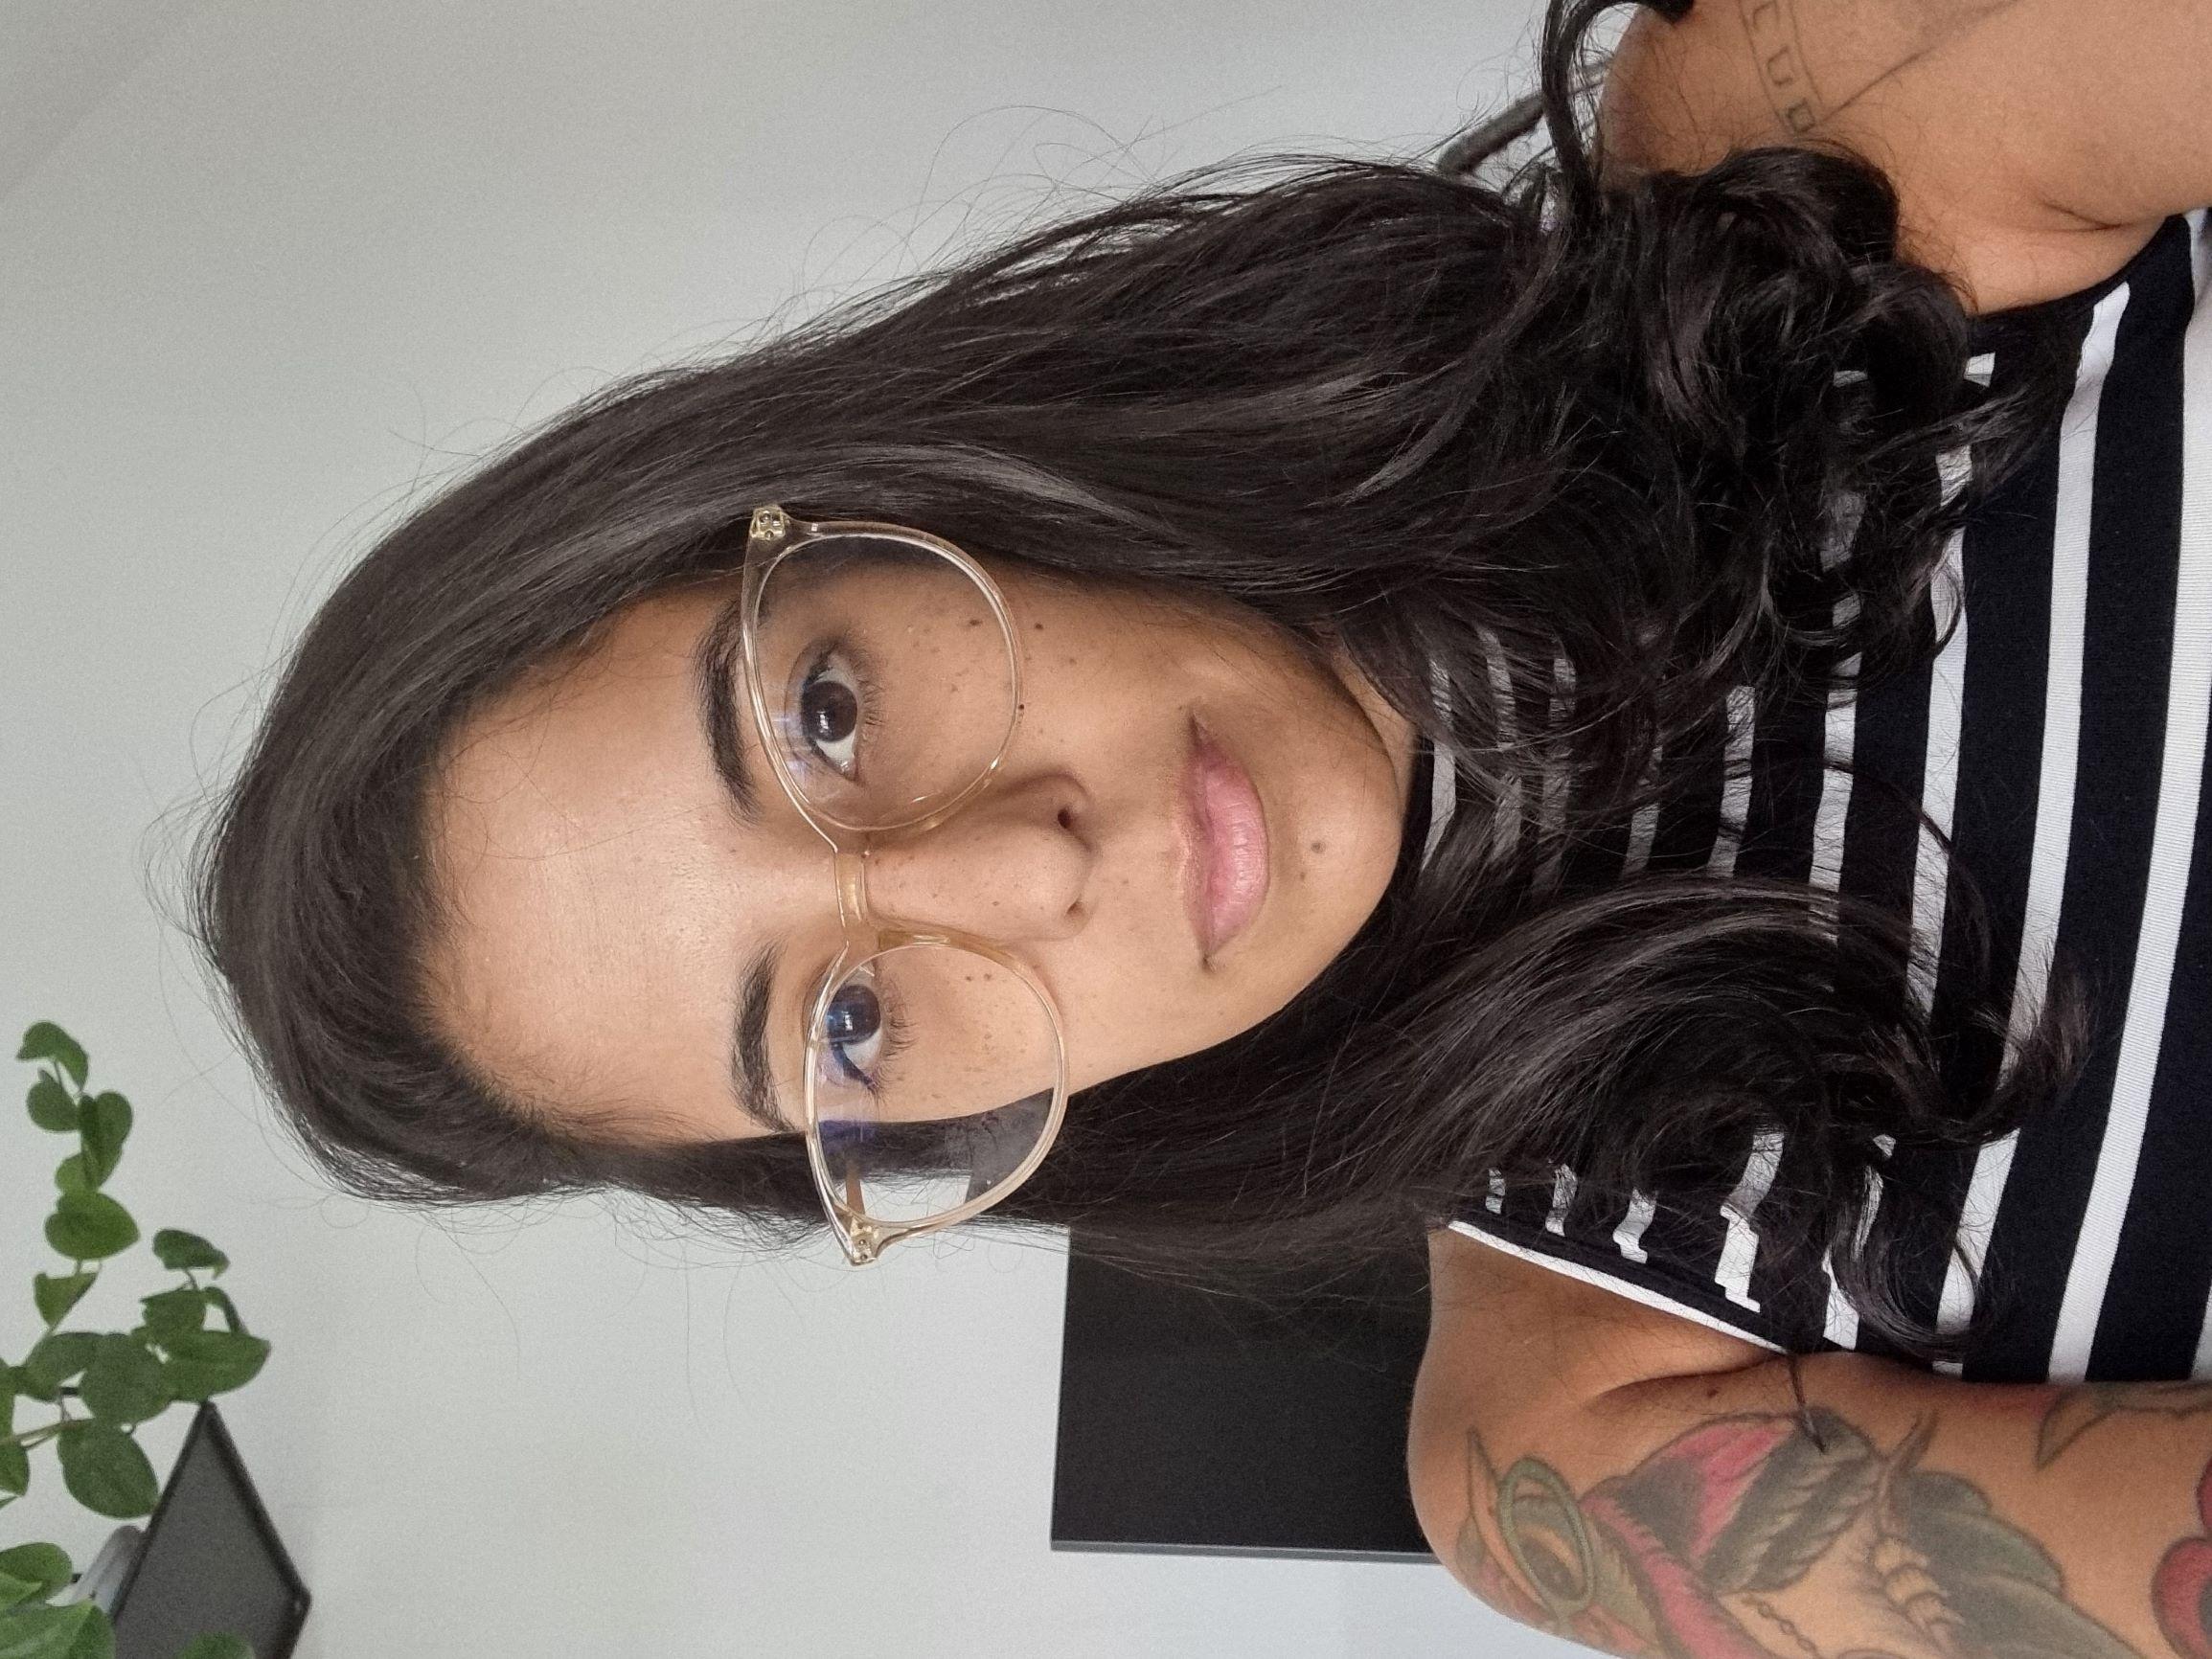 Galaxy S21 Ultra Selfie